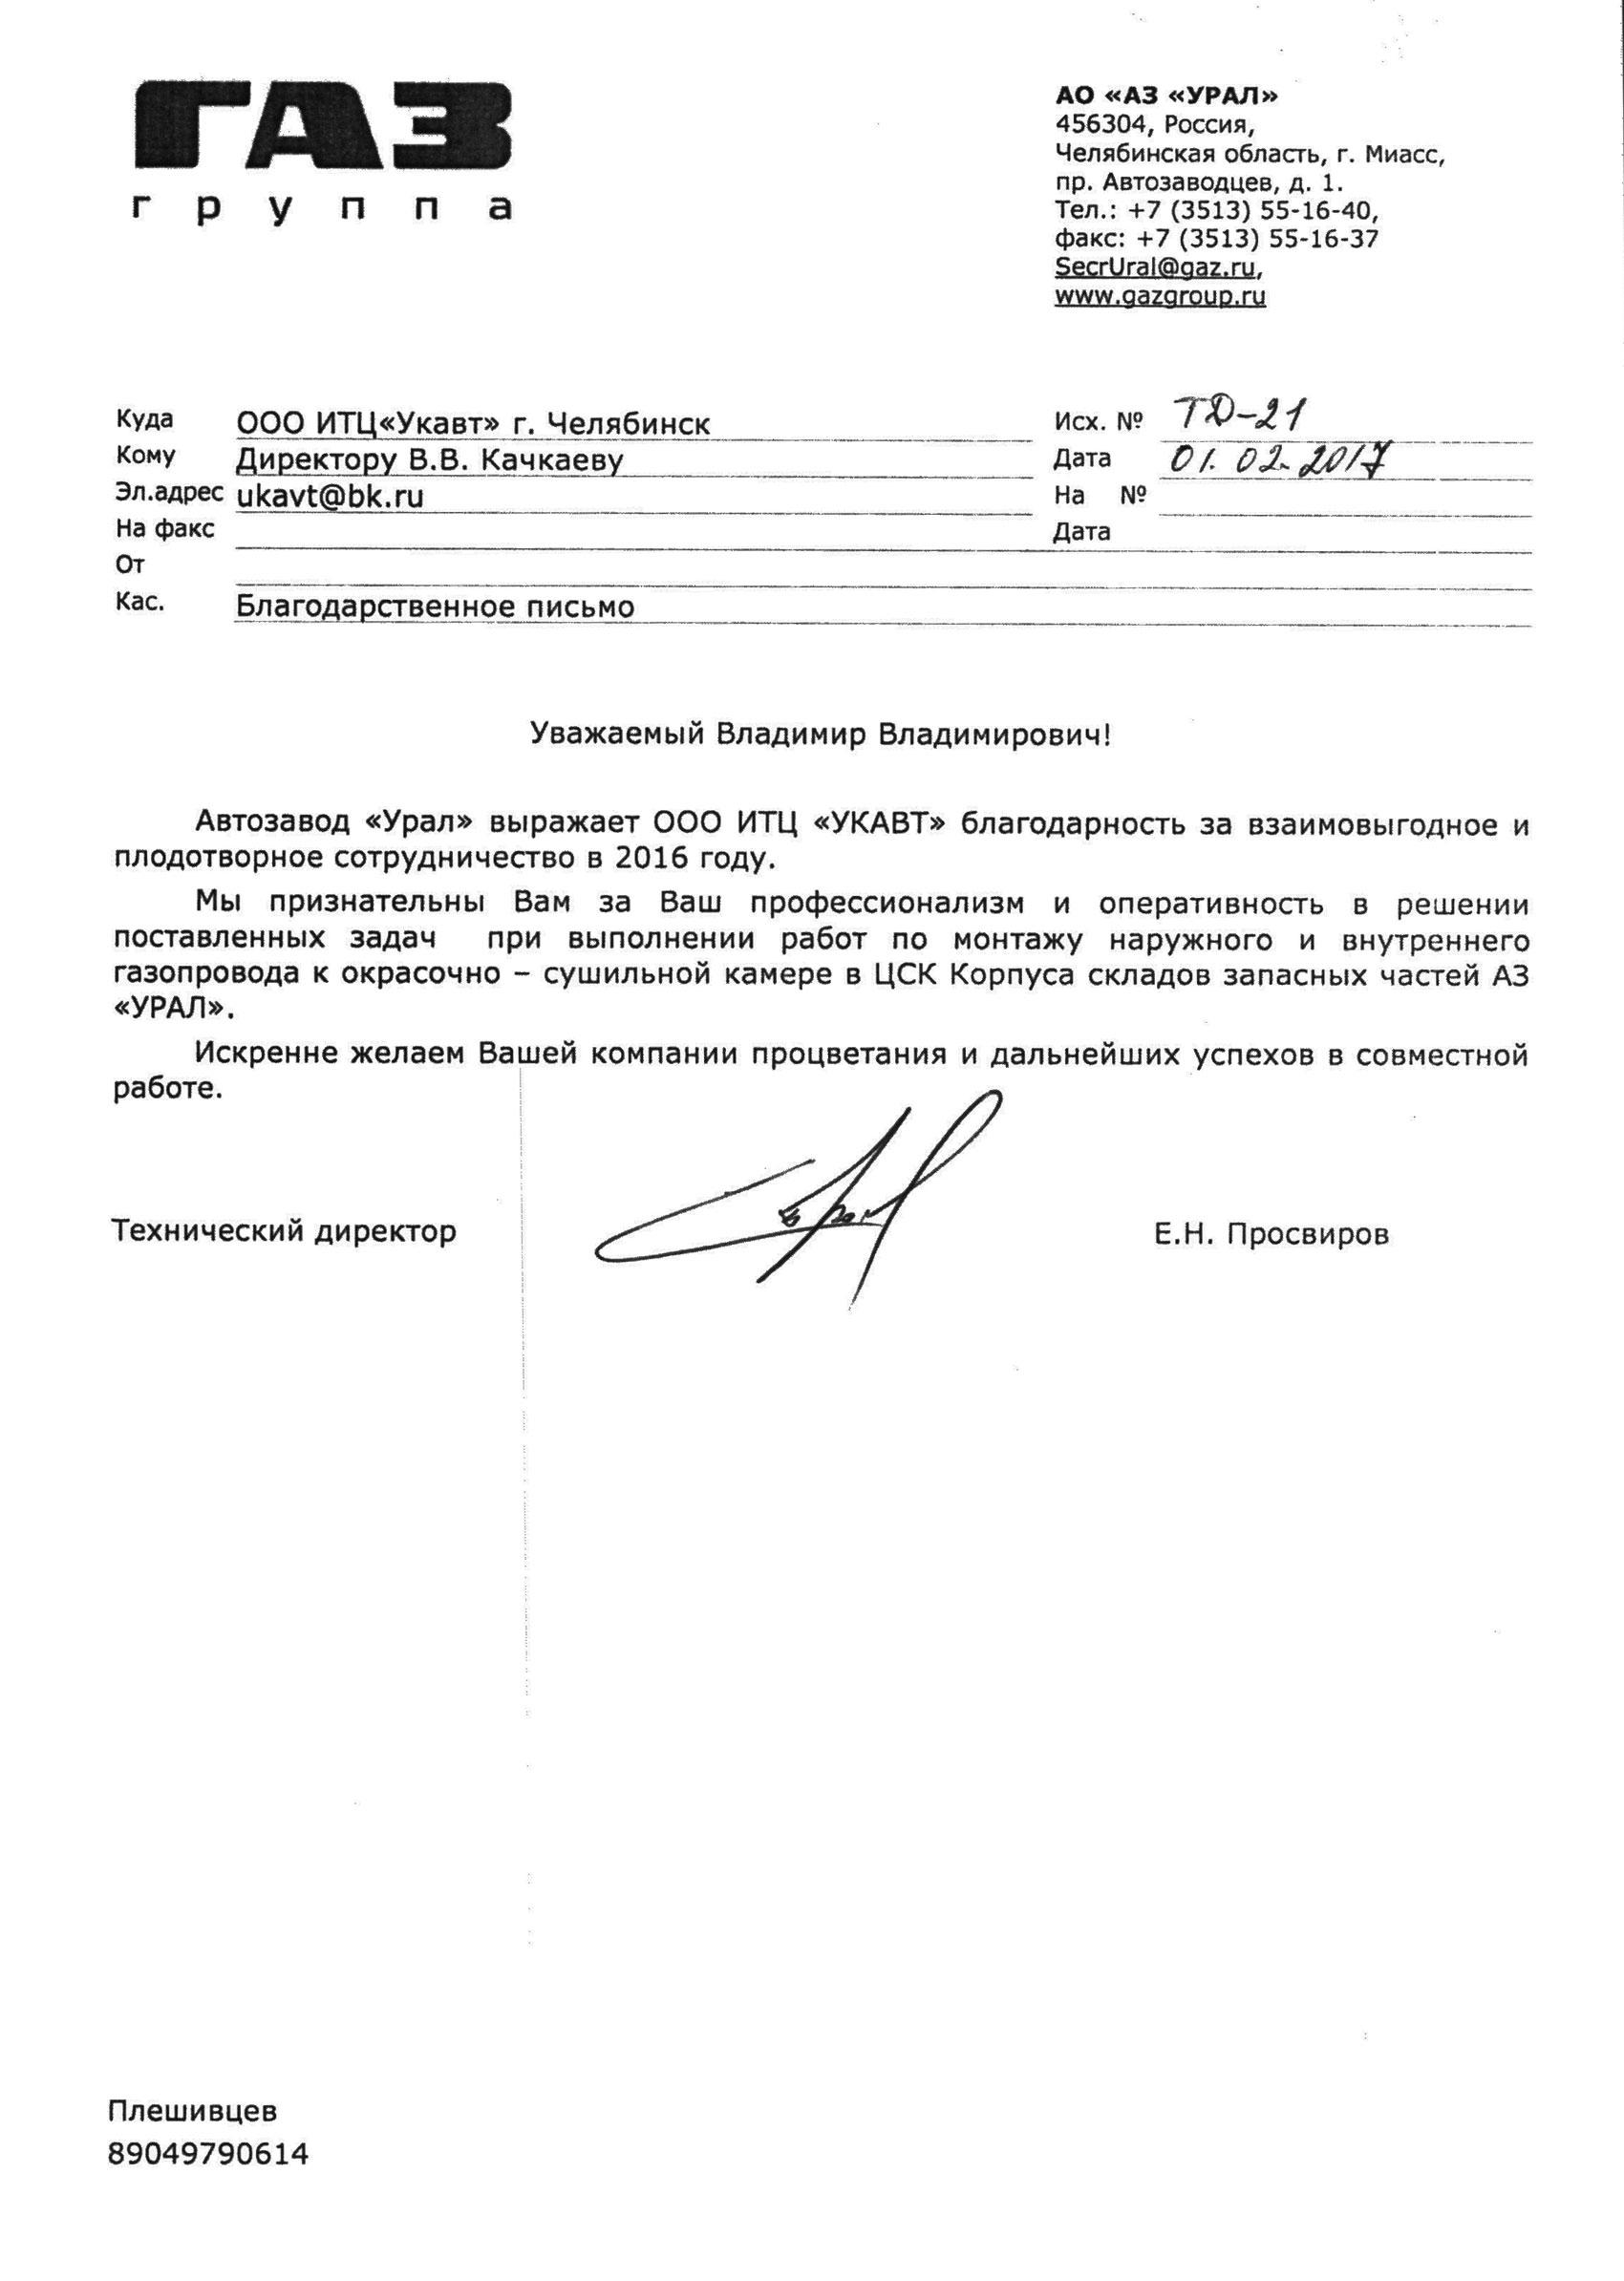 """Благодарственное письмо от АО """"АЗ""""УРАЛ"""""""